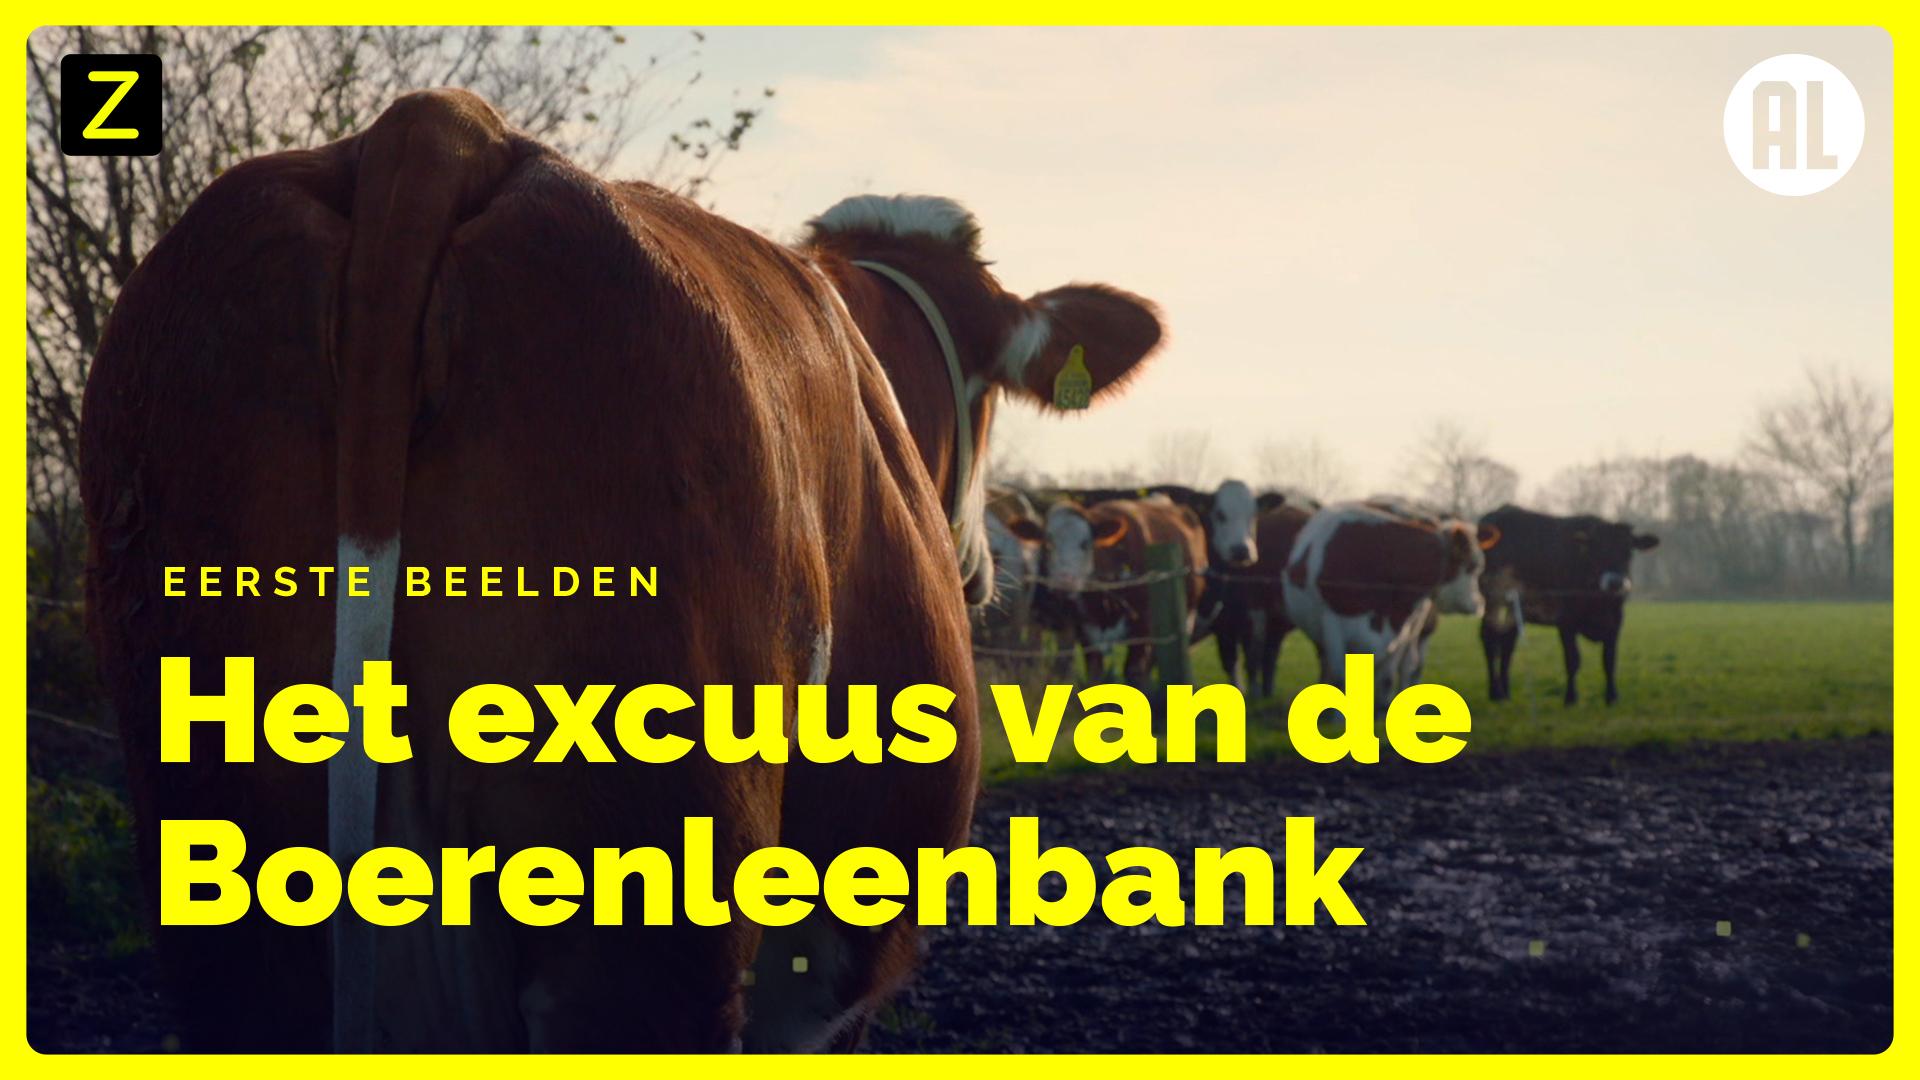 Afbeelding van Eerste beelden uit 'Het excuus van de Boerenleenbank'